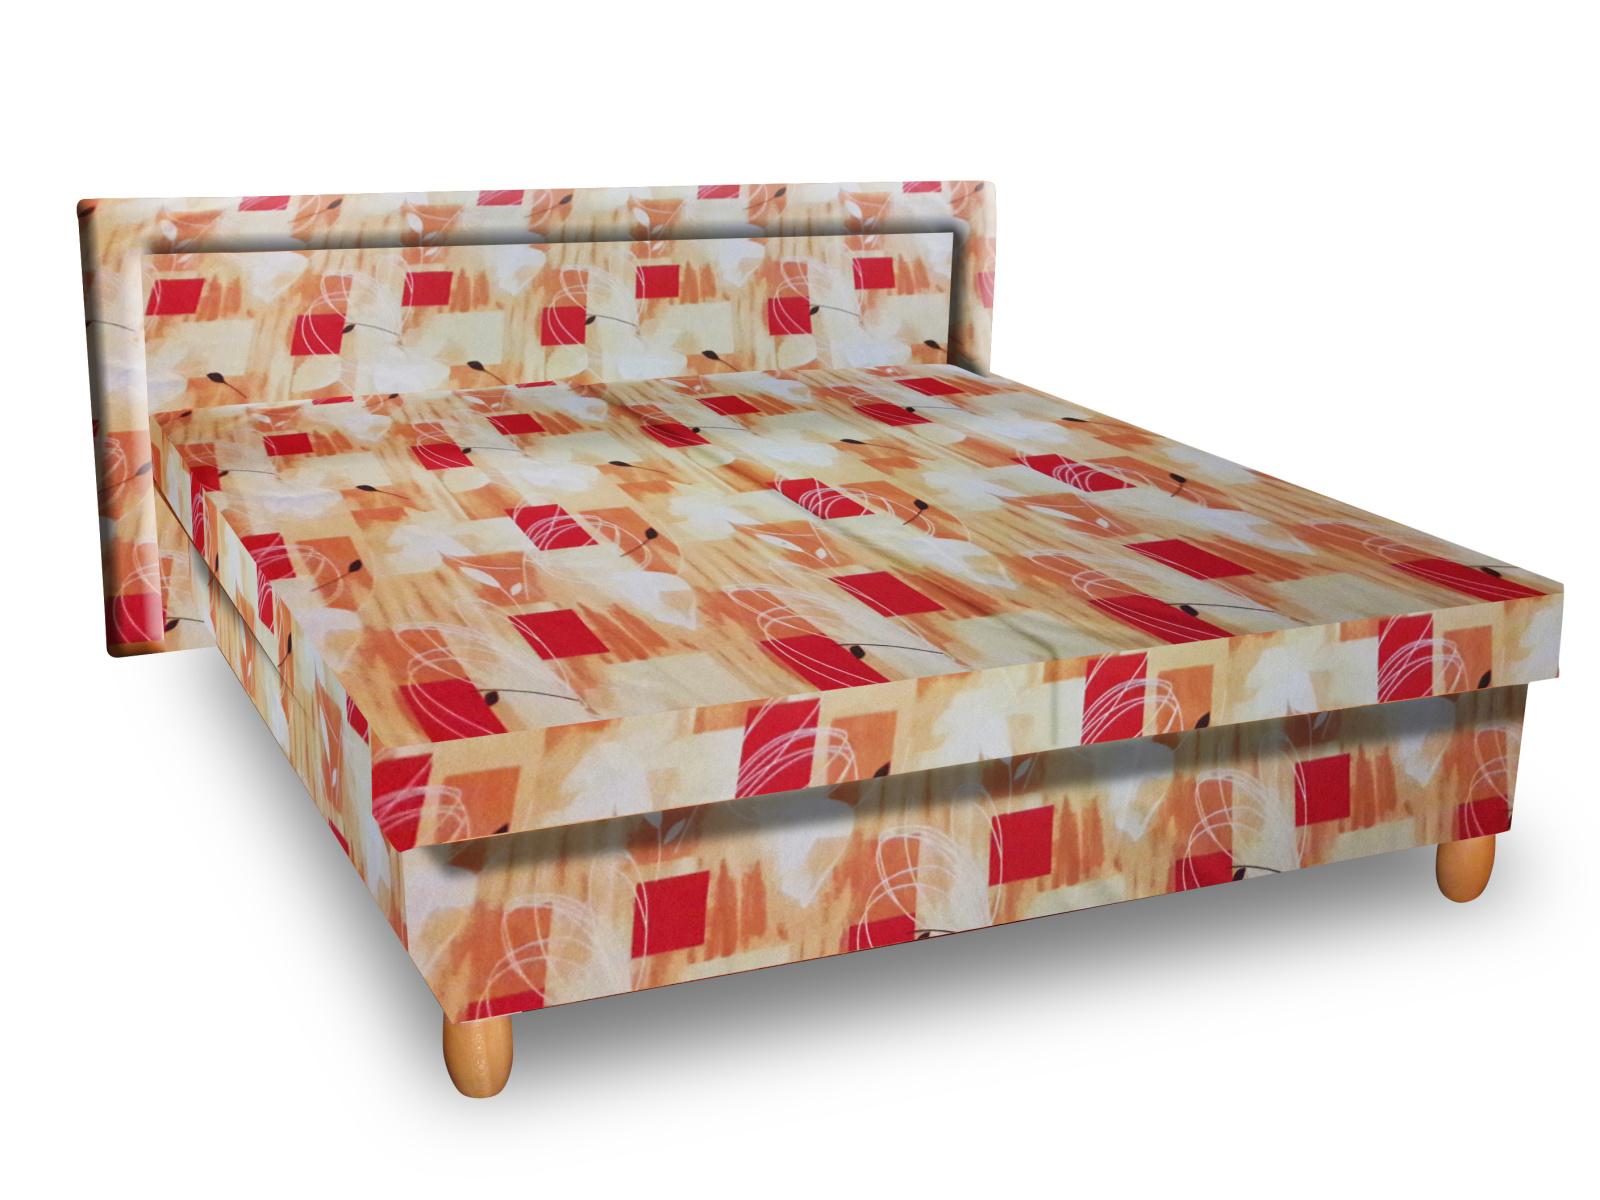 Smartshop Čalouněná postel IVA 160x195 cm, oranžová látka